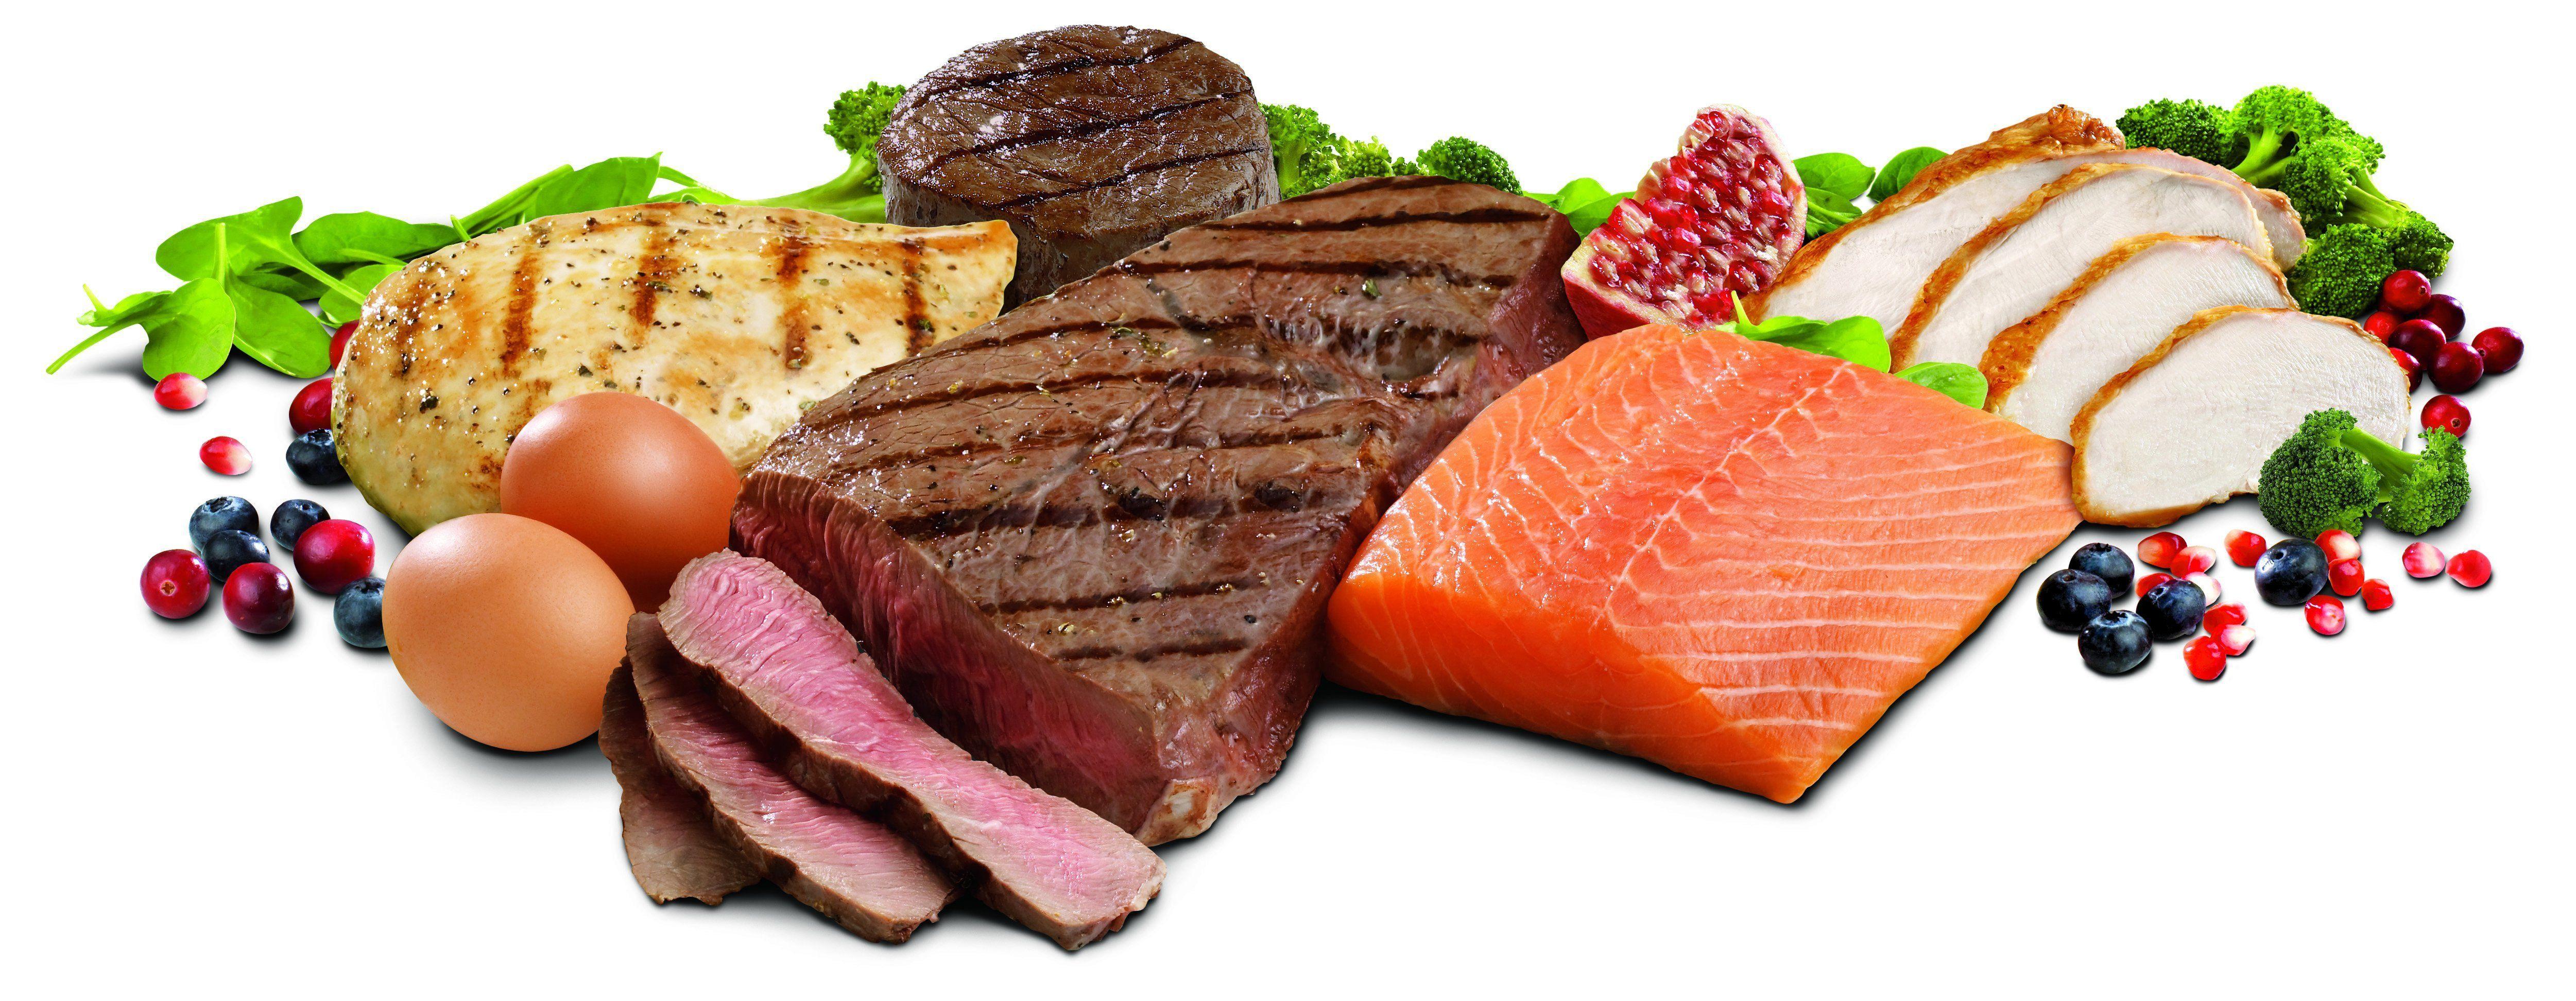 Alimentação rica em proteínas é fundamental para minimizar a perda muscular